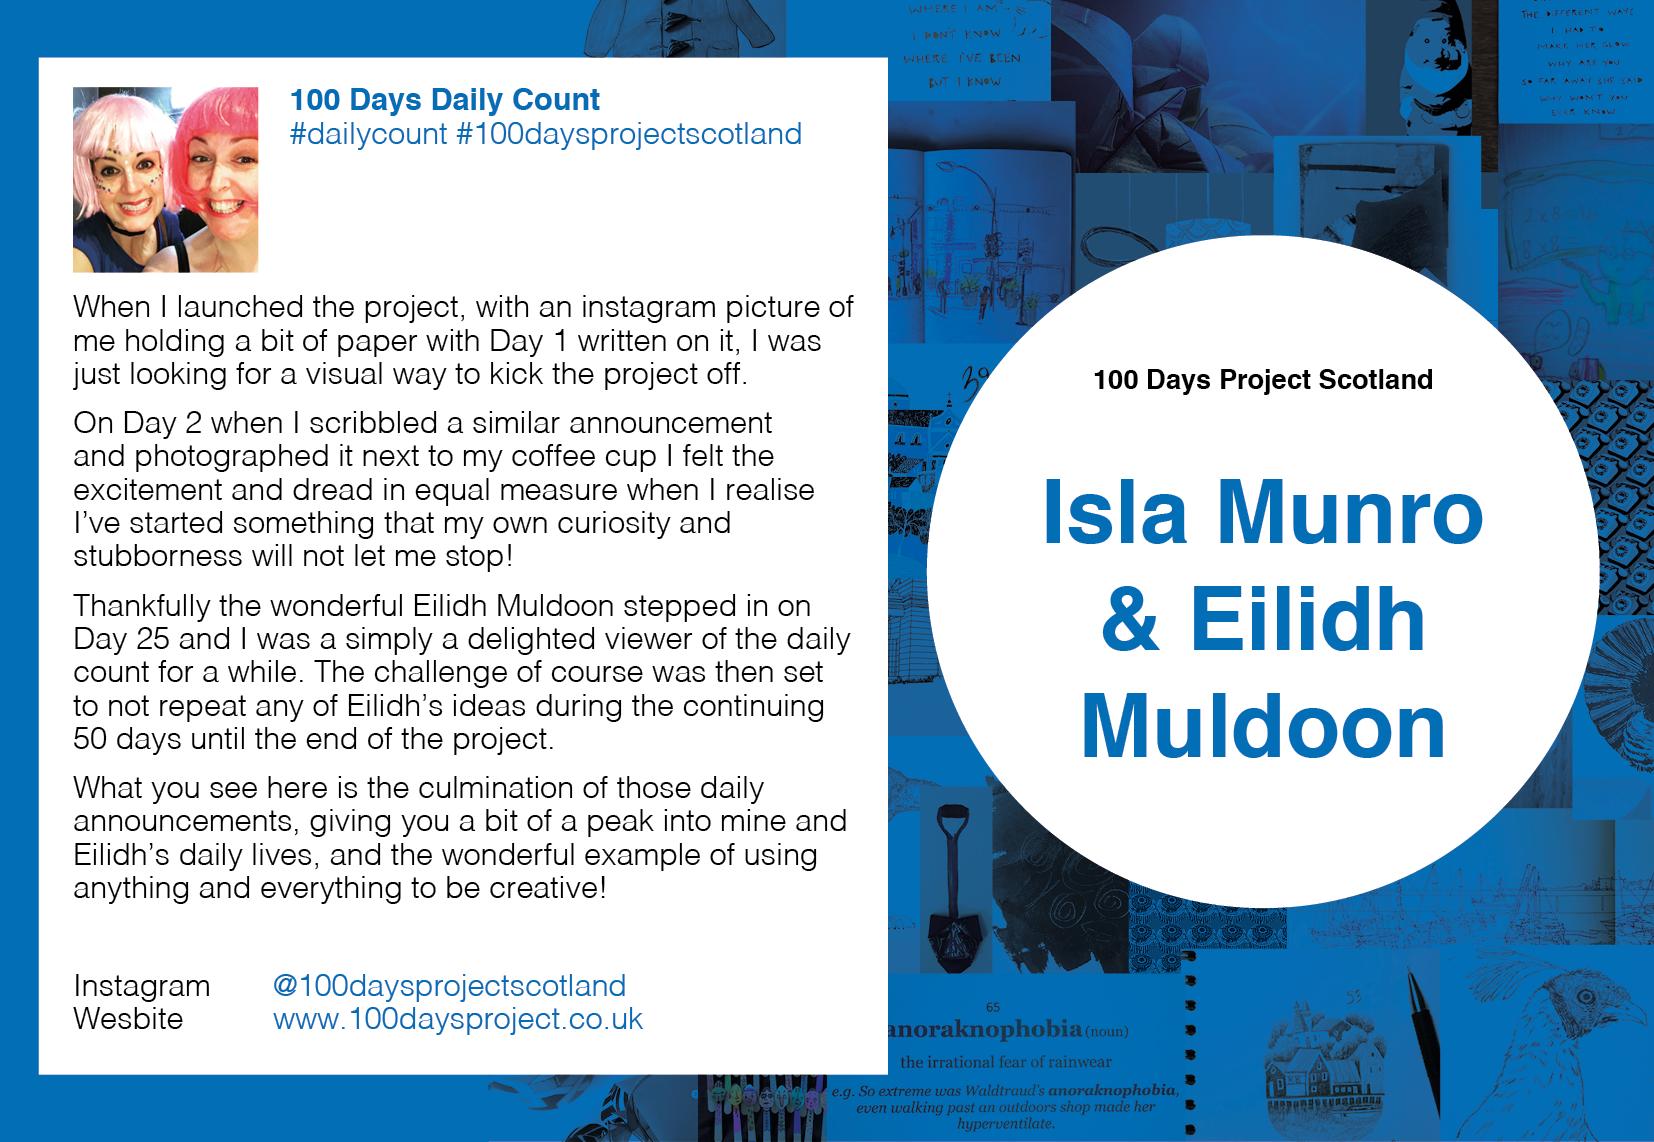 Isla Munro & Eilidh Muldoon